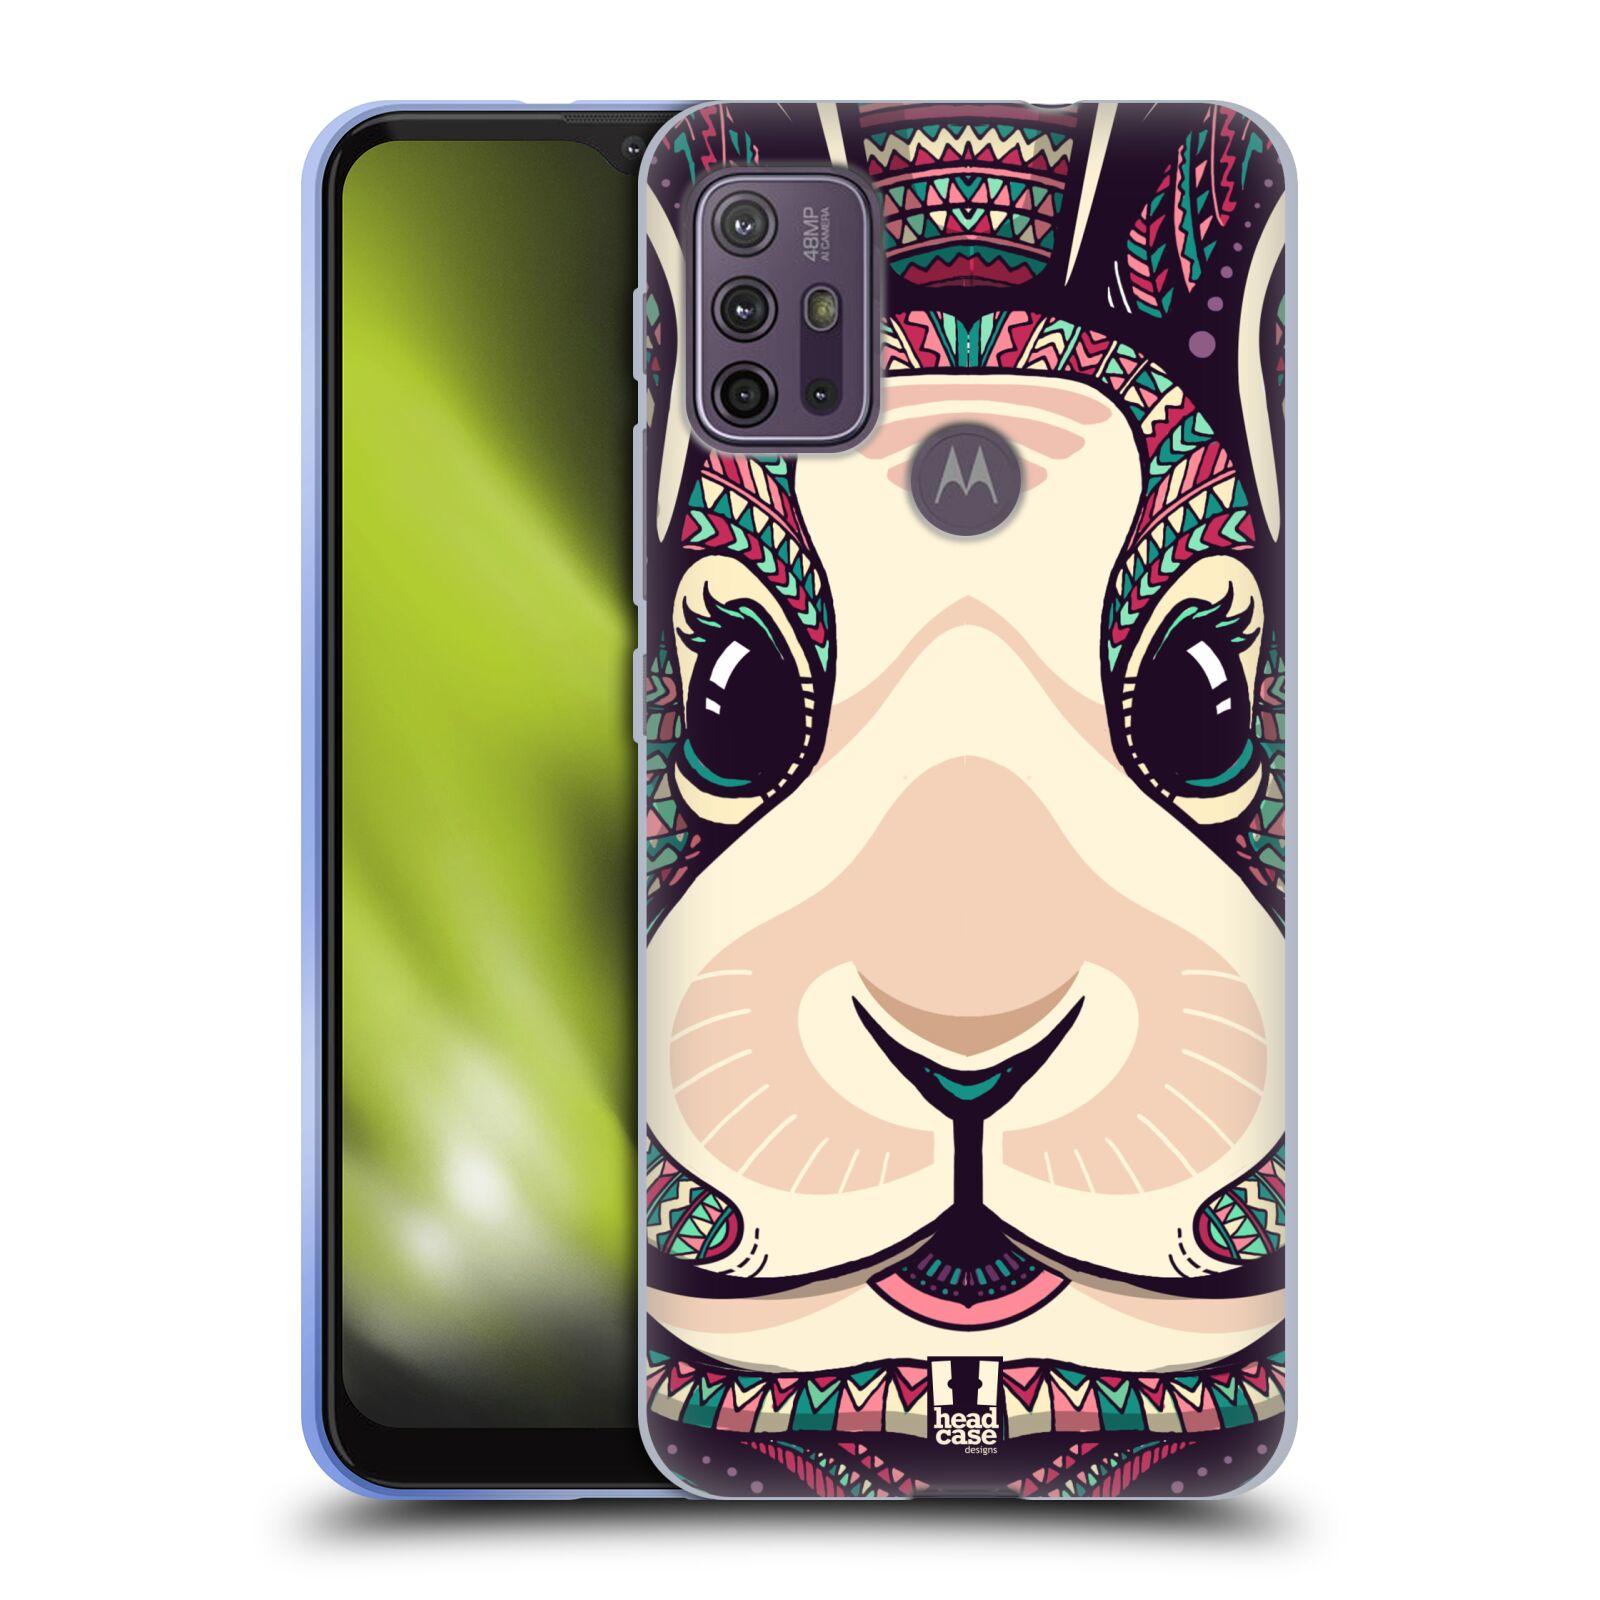 Silikonové pouzdro na mobil Motorola Moto G10 / G30 - Head Case - AZTEC ZAJÍČEK